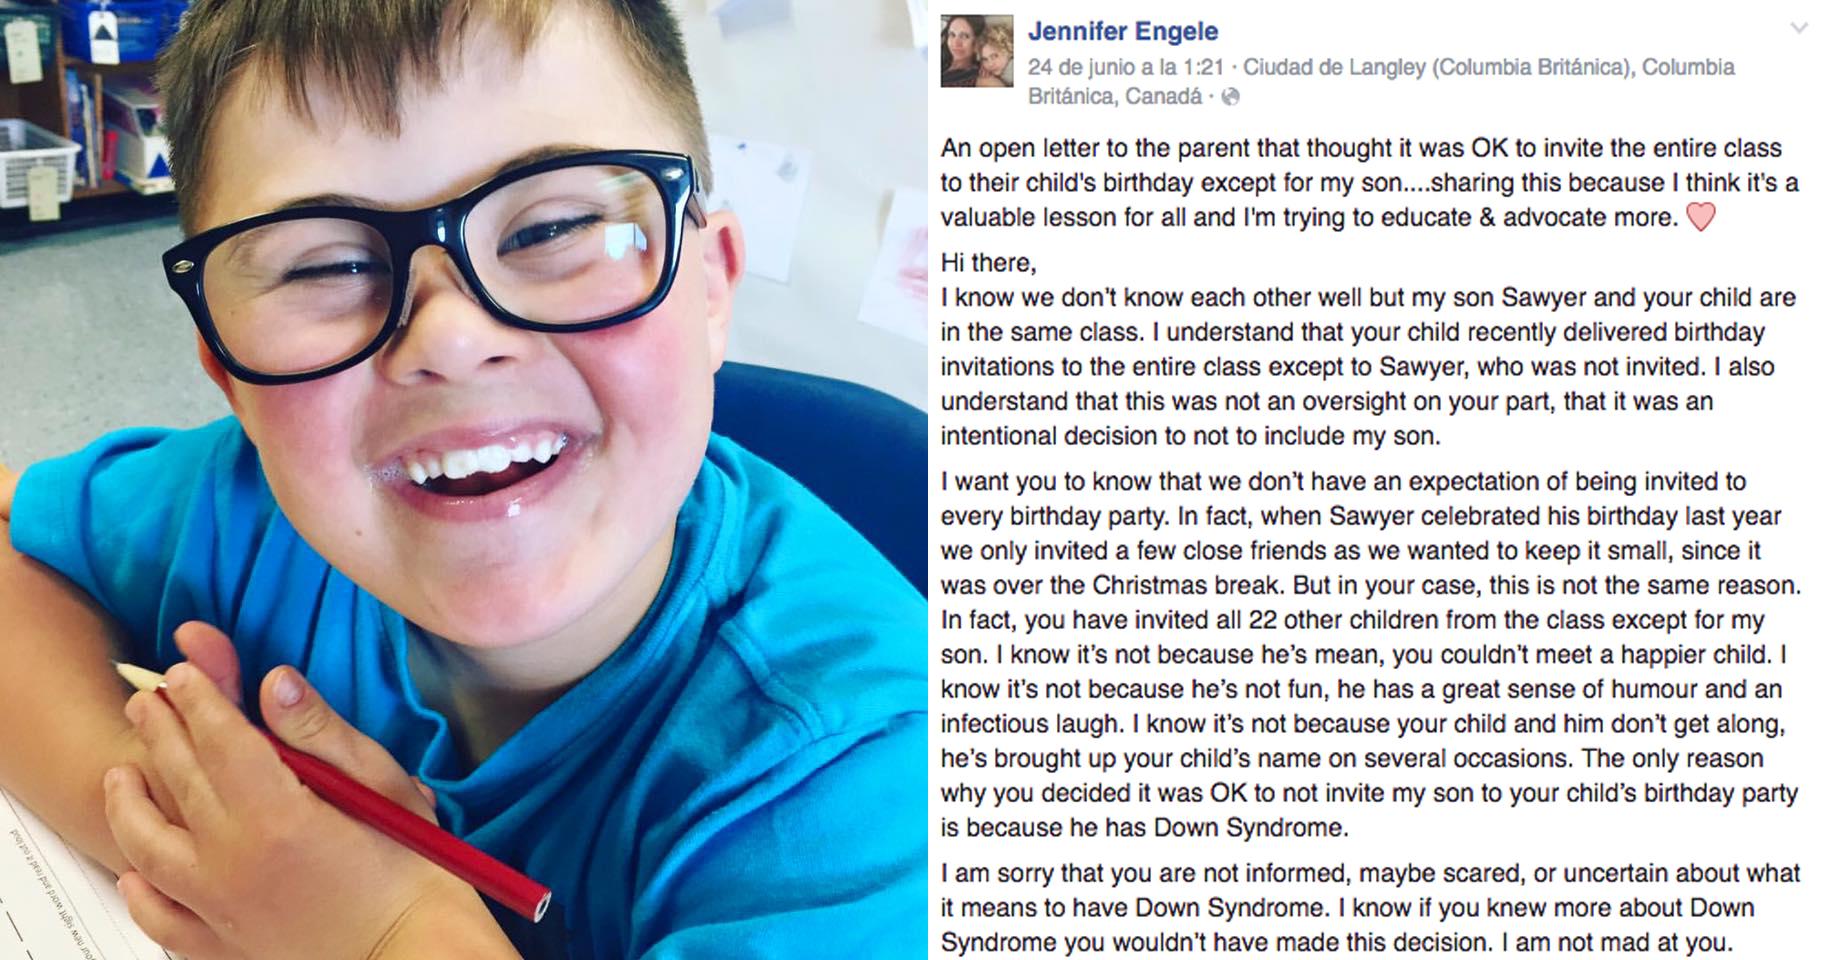 La demoledora carta de una madre al saber por qué su hijo no fue invitado a un cumpleaños